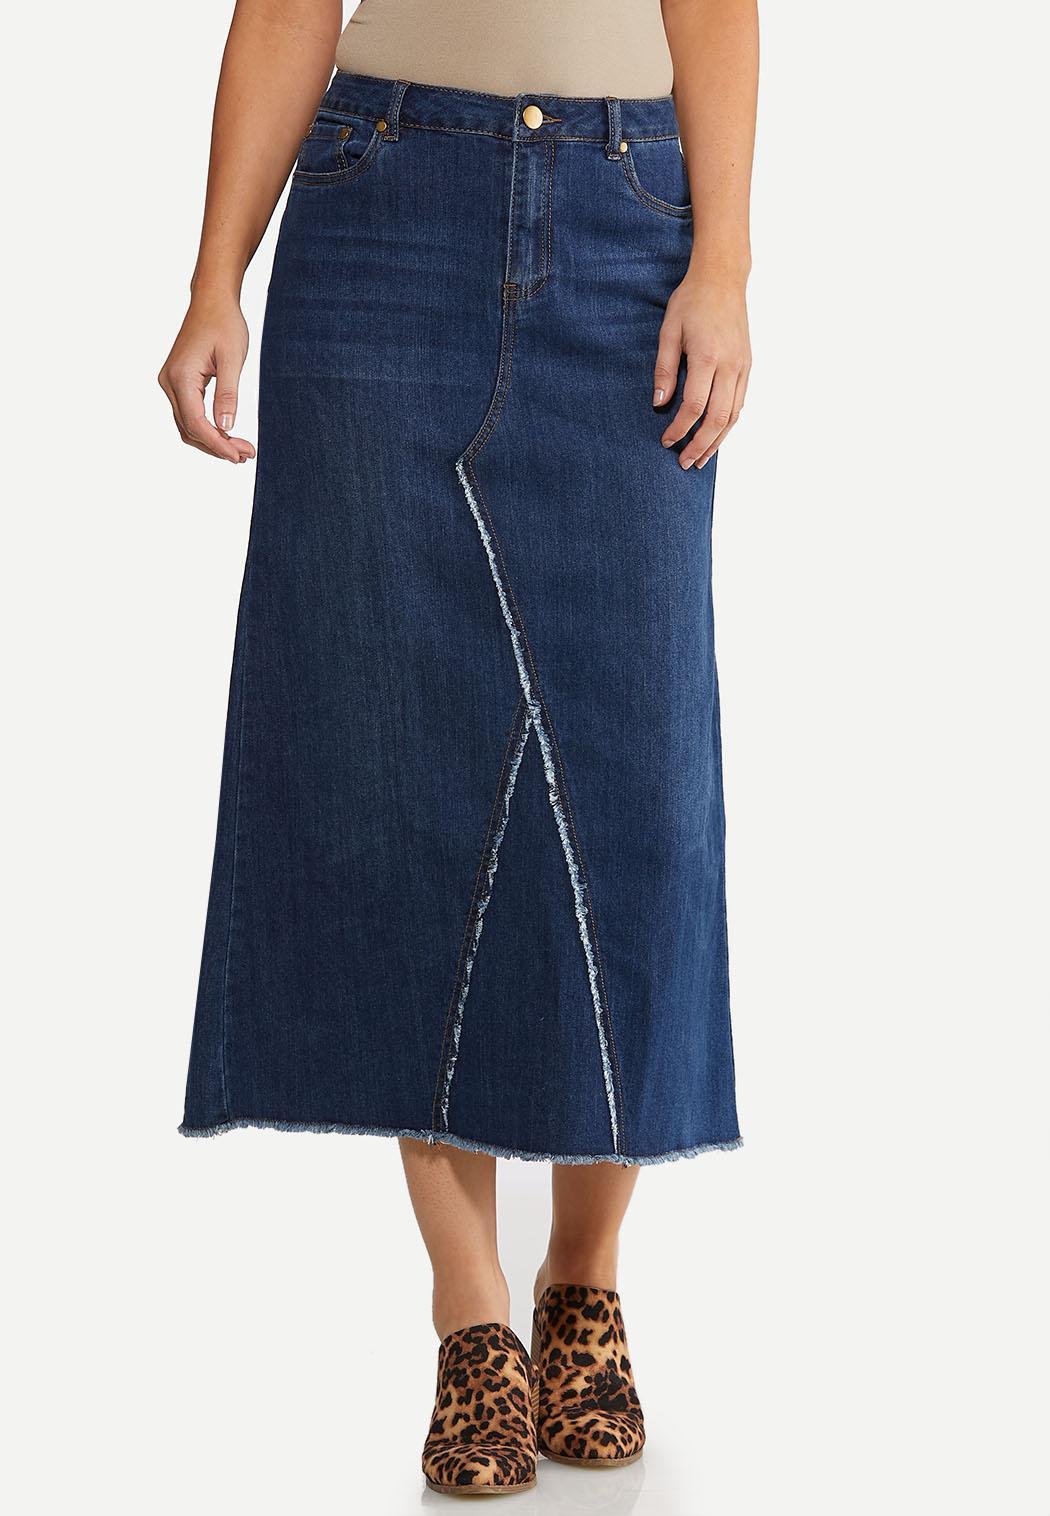 Plus Size Stitch Denim Skirt